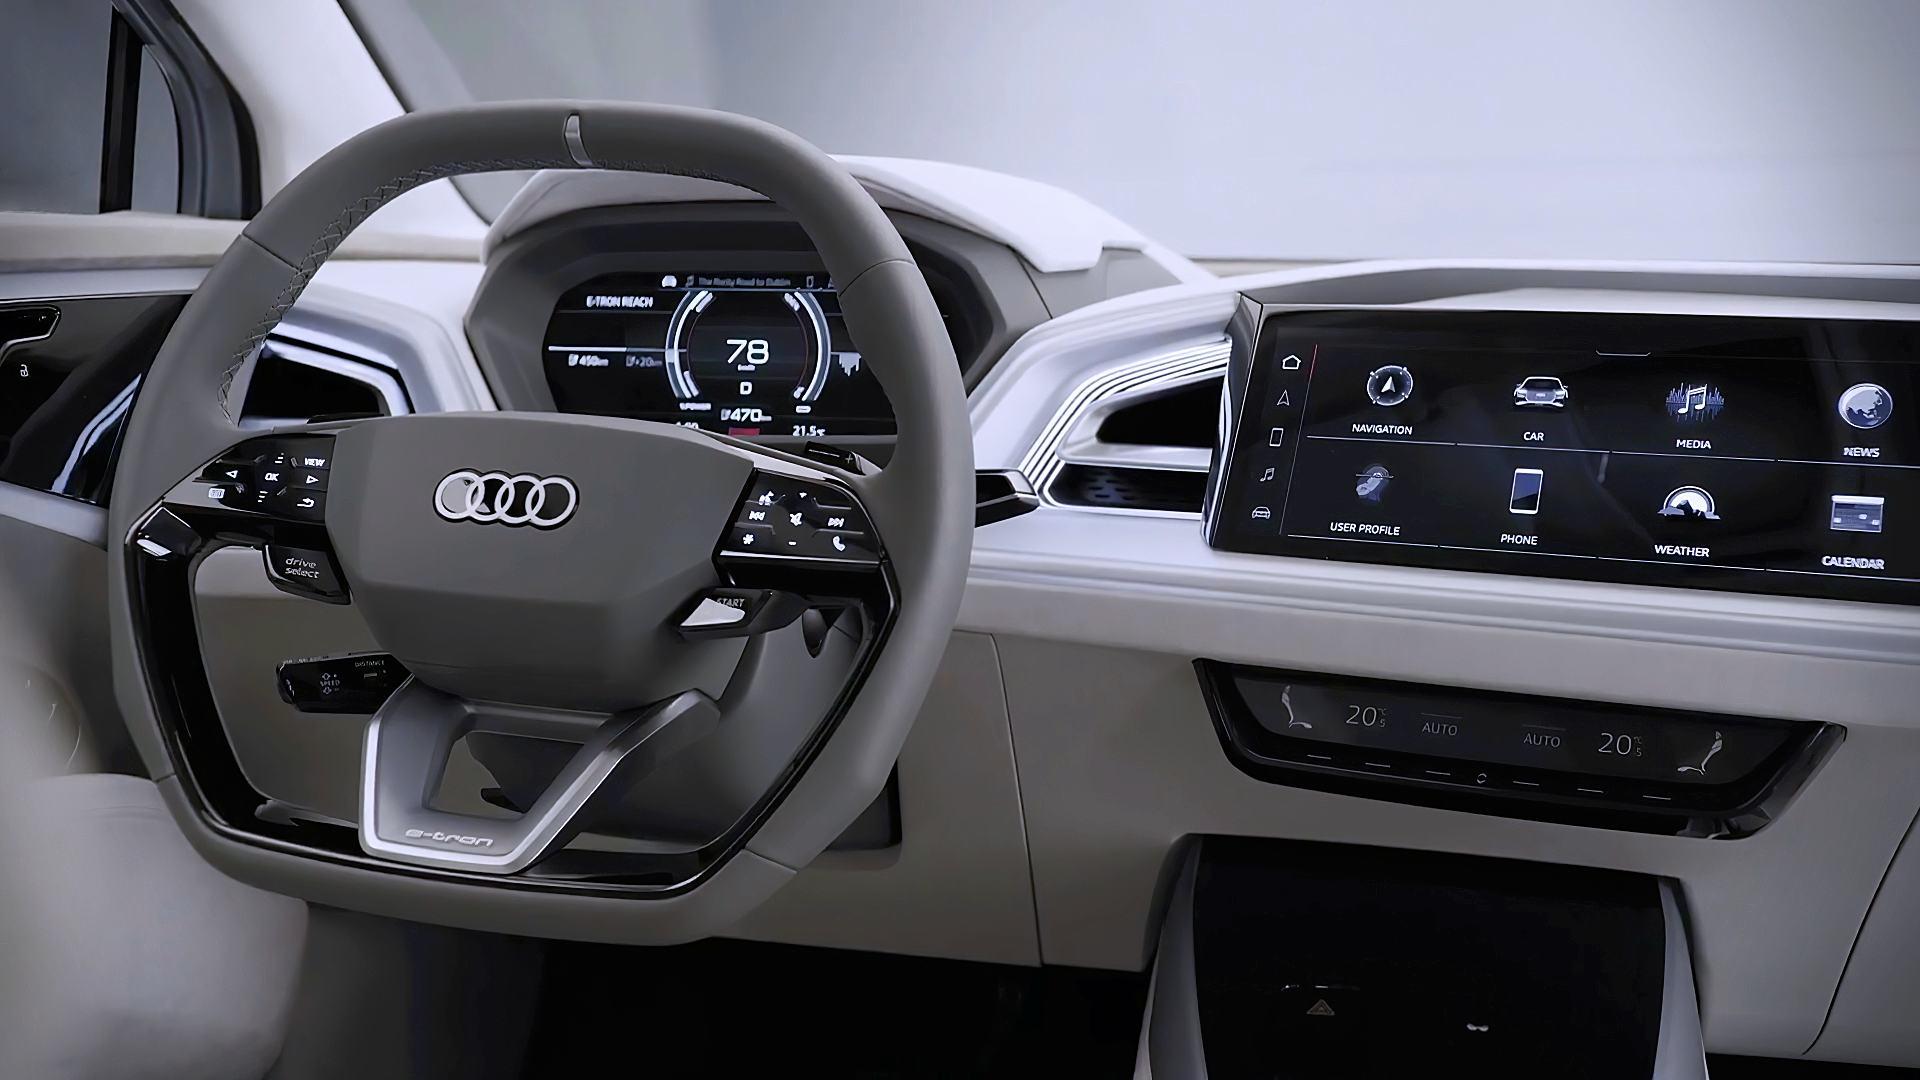 2021 Audi Q4 Interior Images